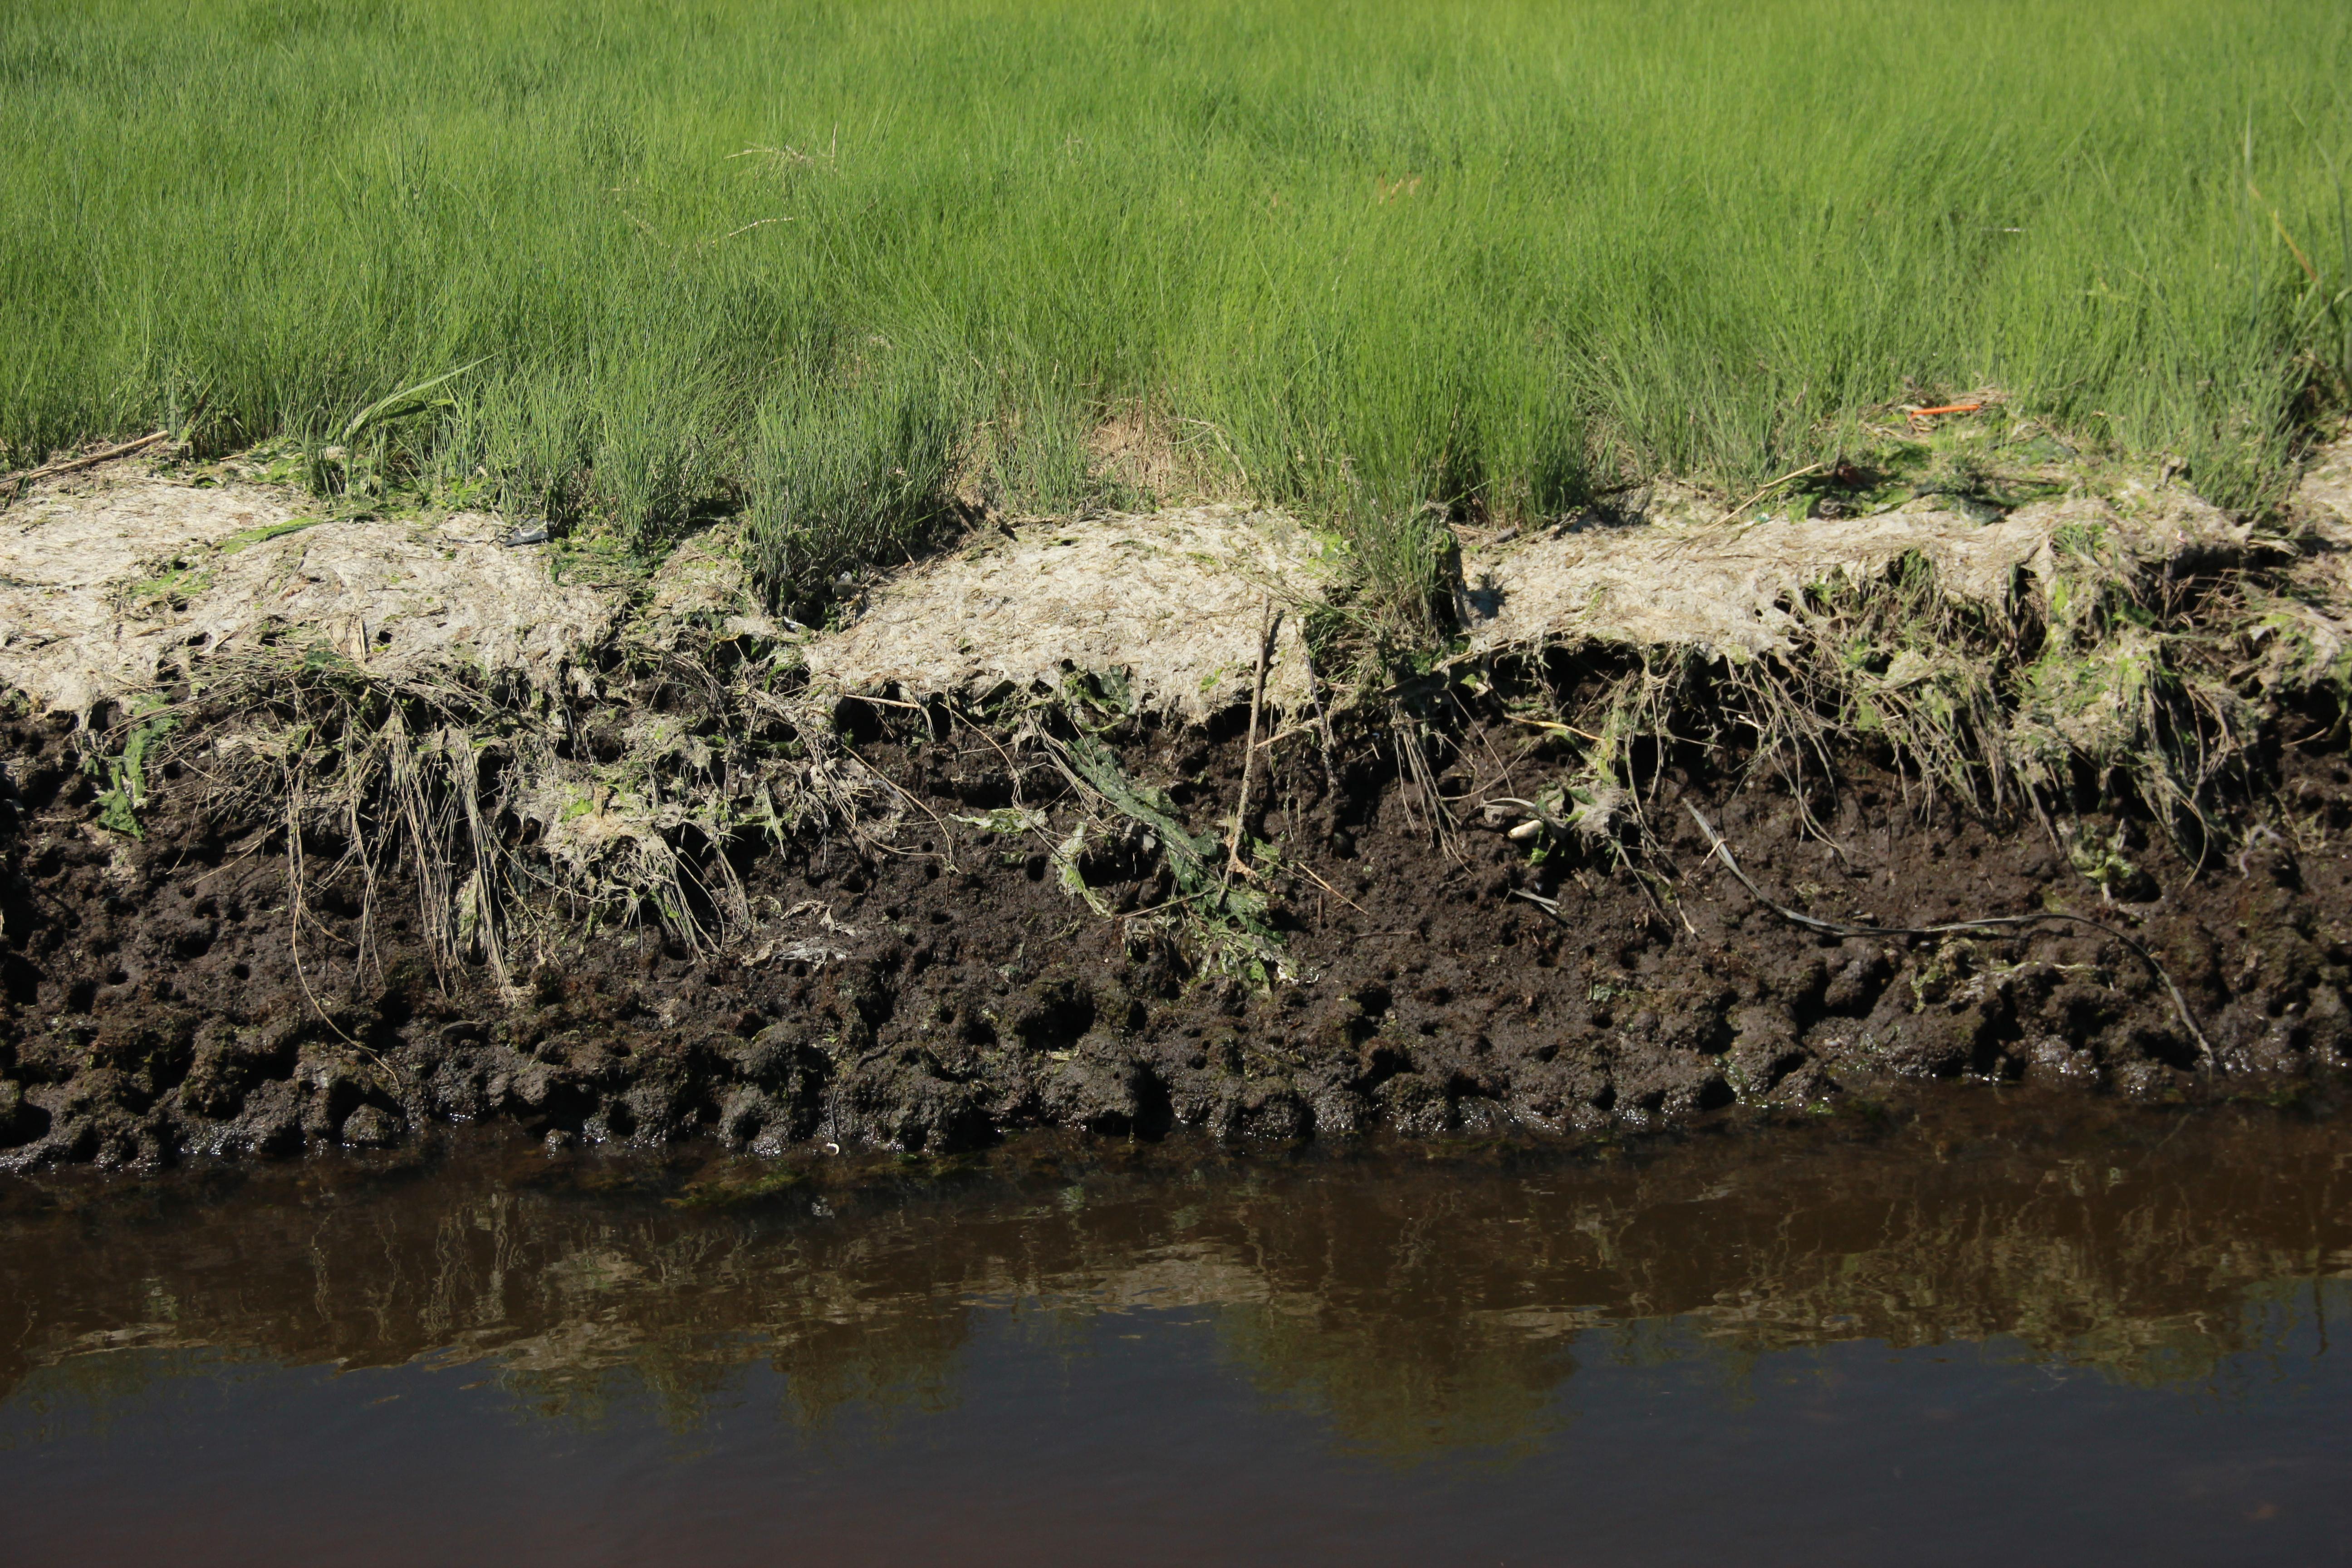 Marsh Bed